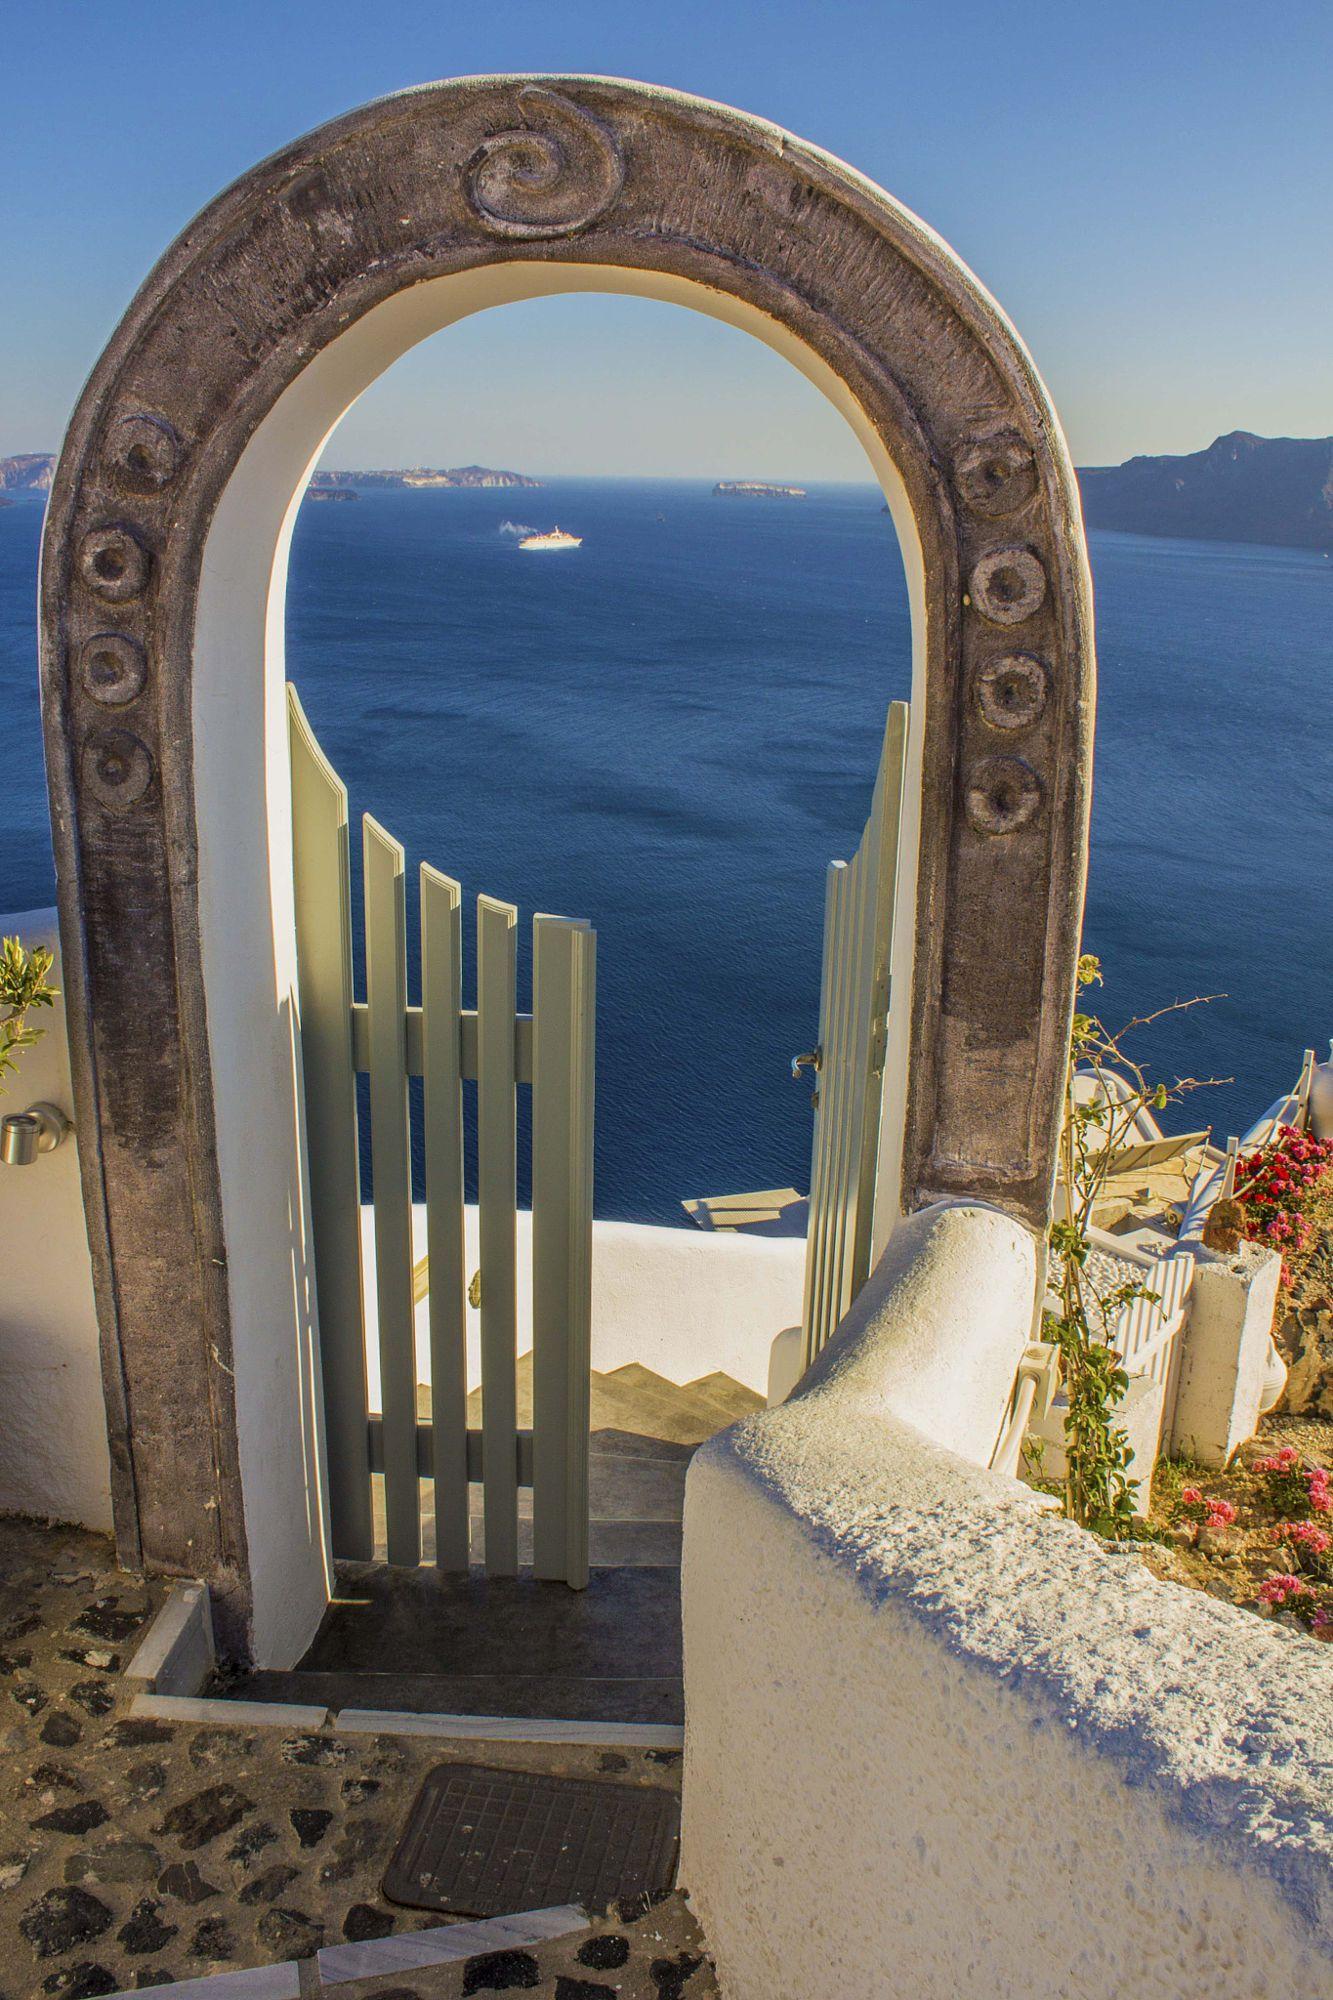 Gate to the Aegean, Oia, Santorini